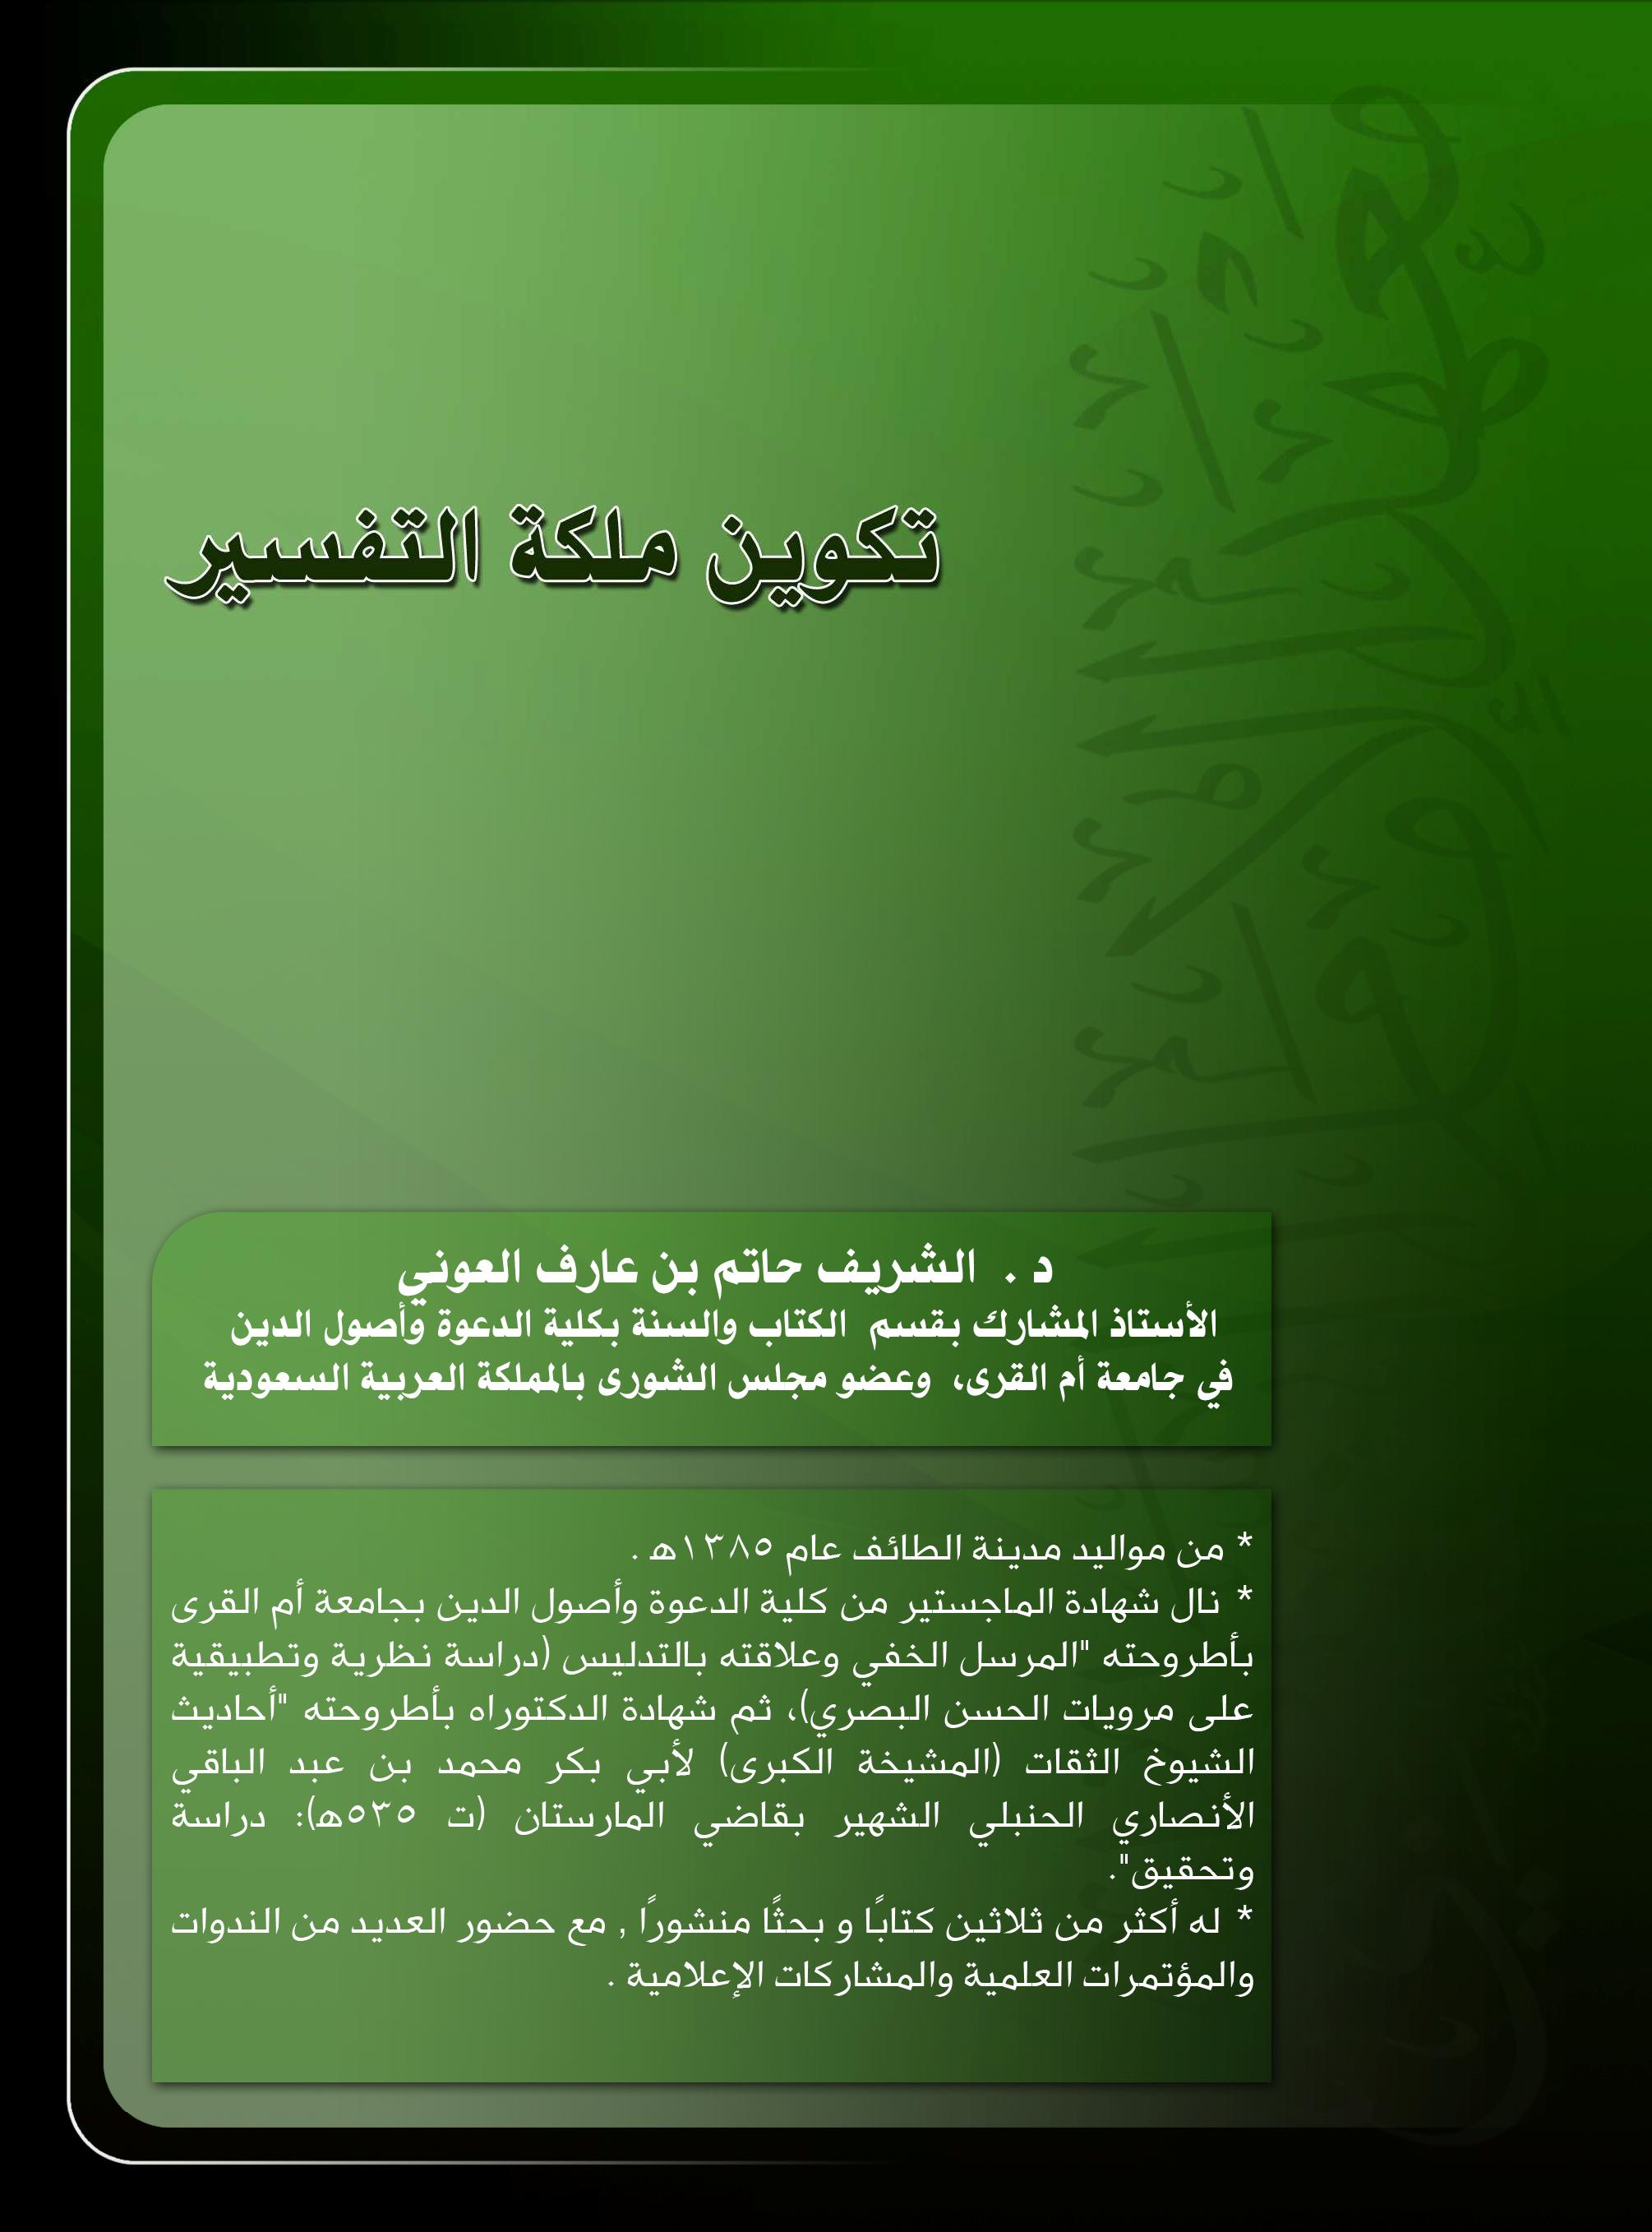 تحميل كتاب تكوين ملكة التفسير لـِ: الدكتور الشريف حاتم بن عارف العوني